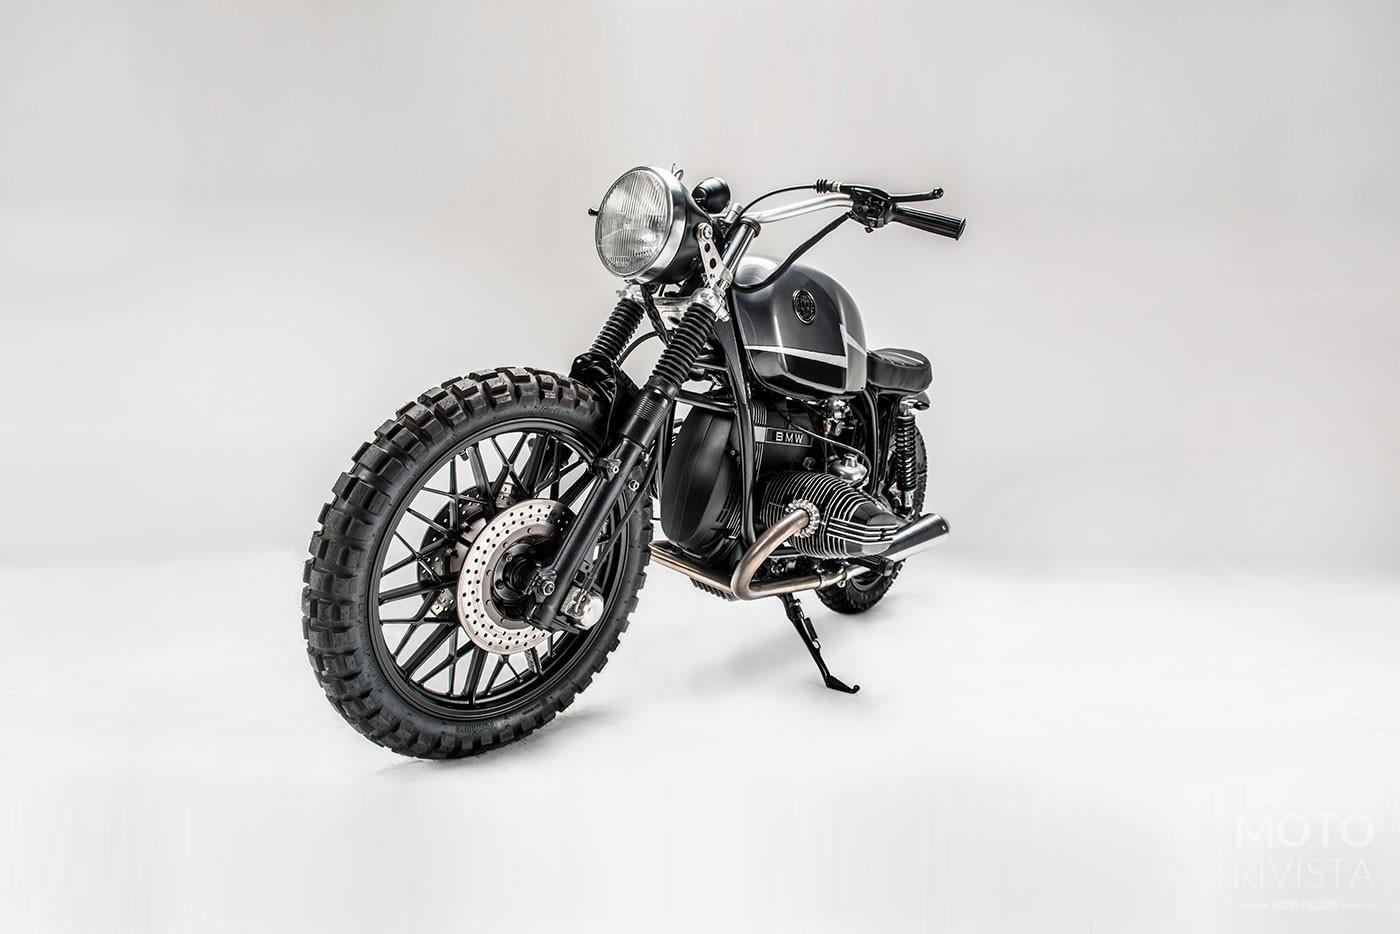 BMW-R100RT-Scrambler-by-Los-Muertos-Motorcycles-2